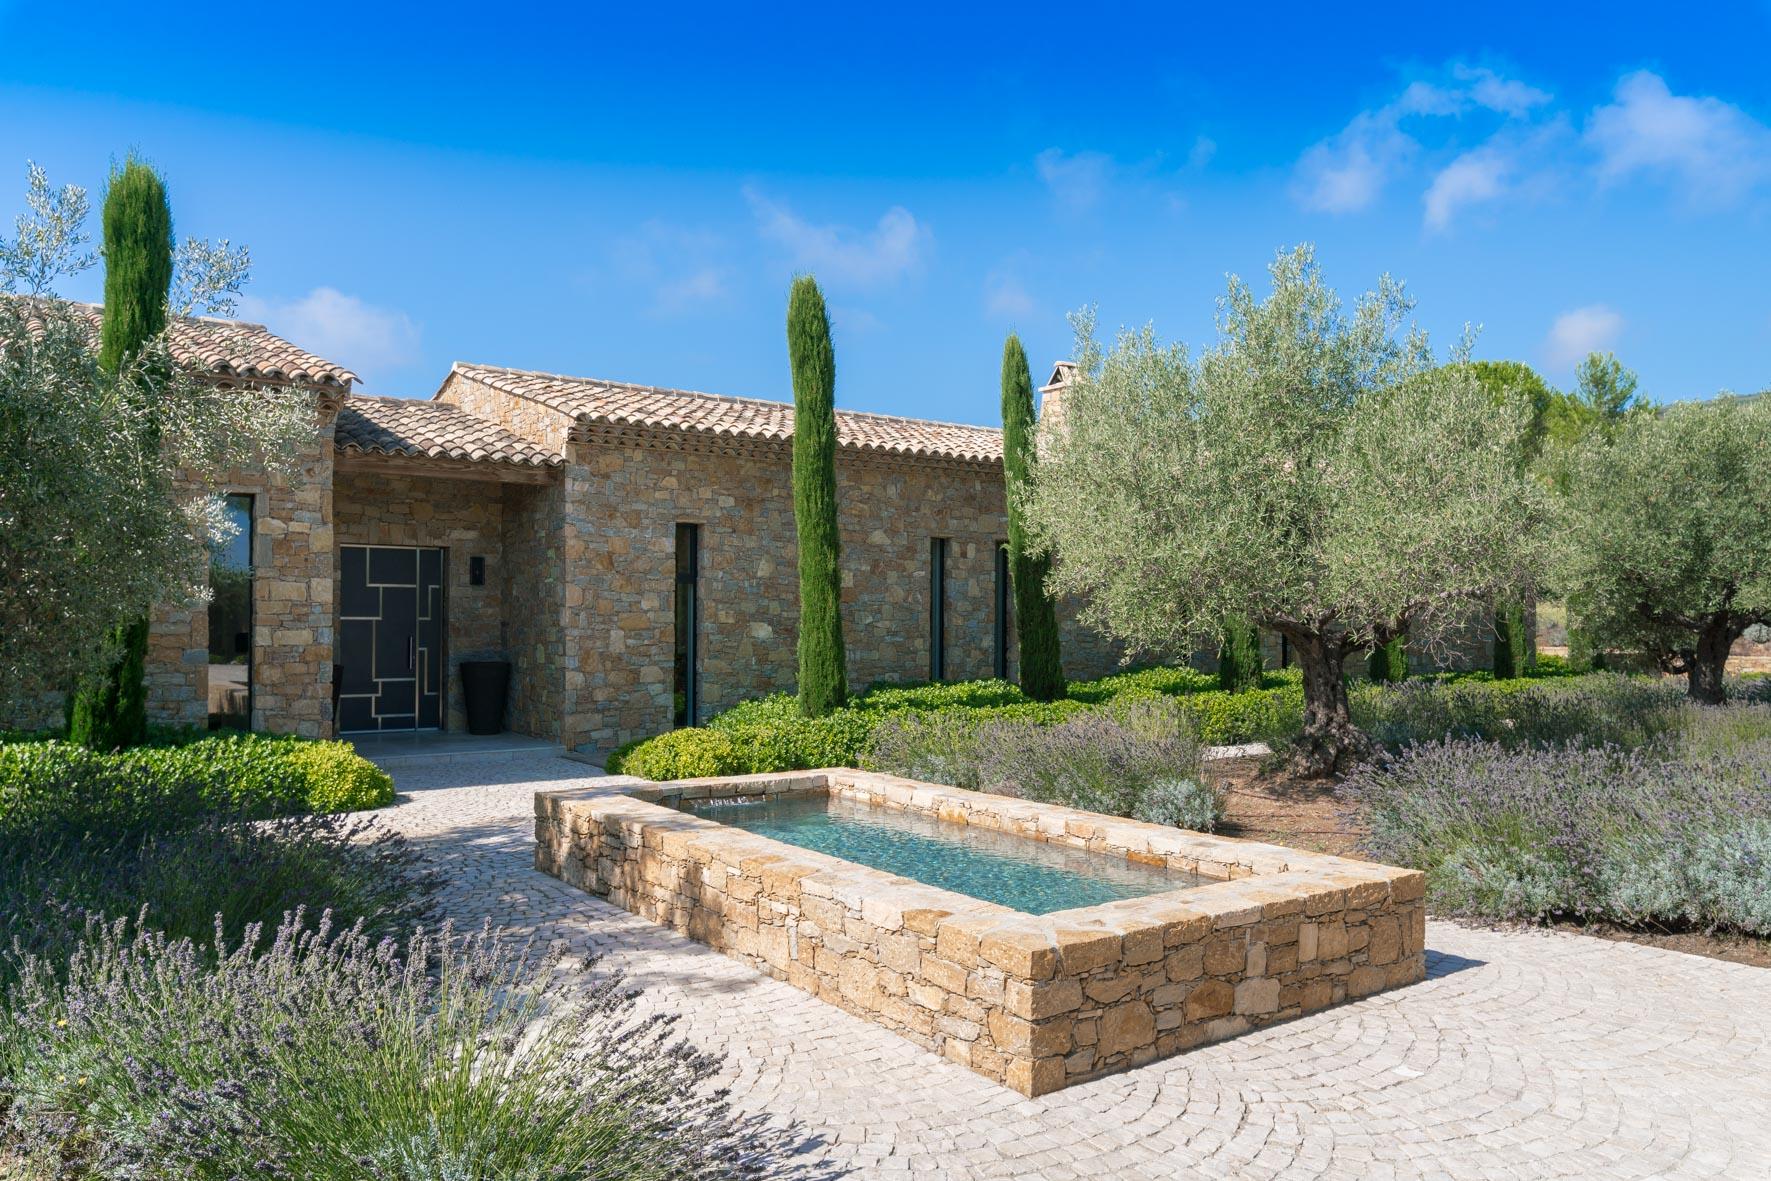 Les Amandiers villa overview image